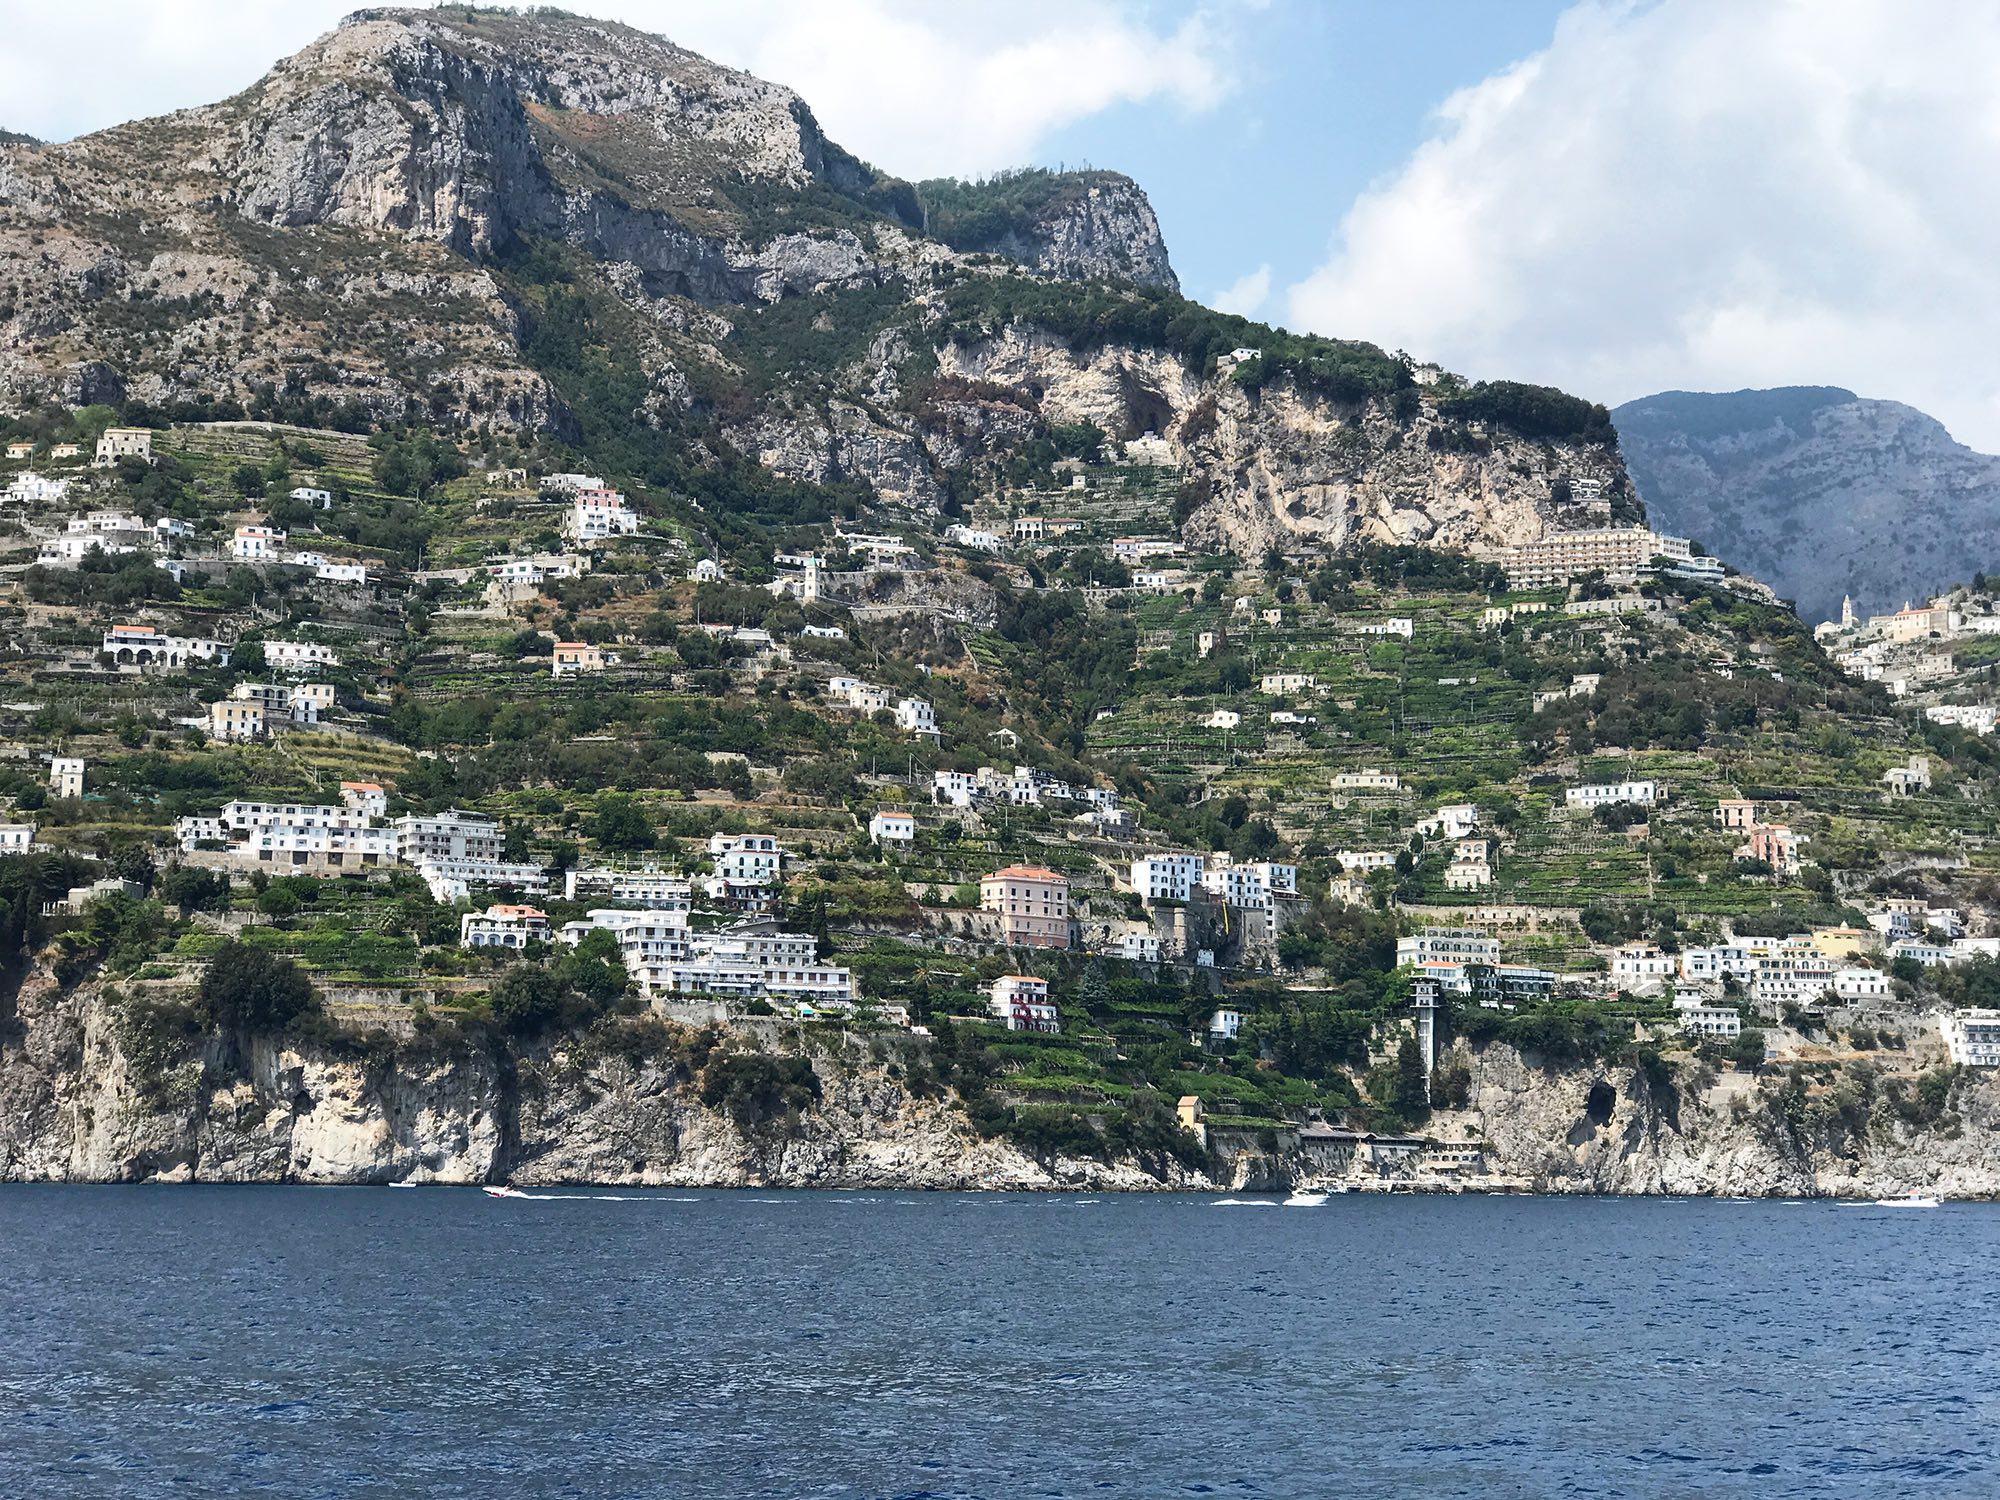 the town of Amalfi, Amalfi Coast, Italy